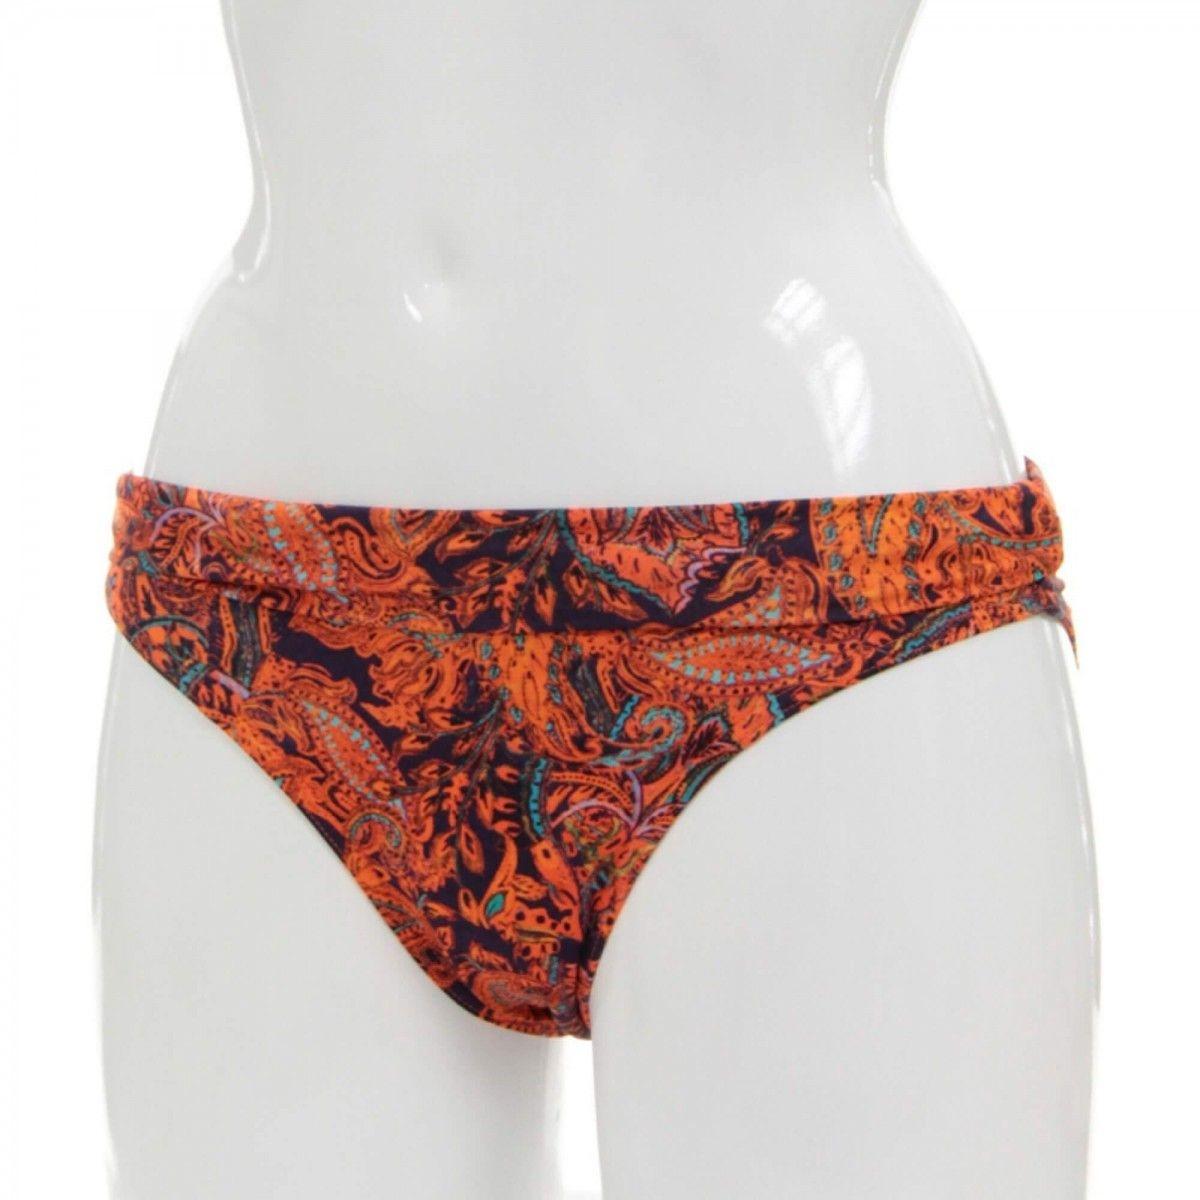 Maillot de bain femme culotte évolutive JAIPUR